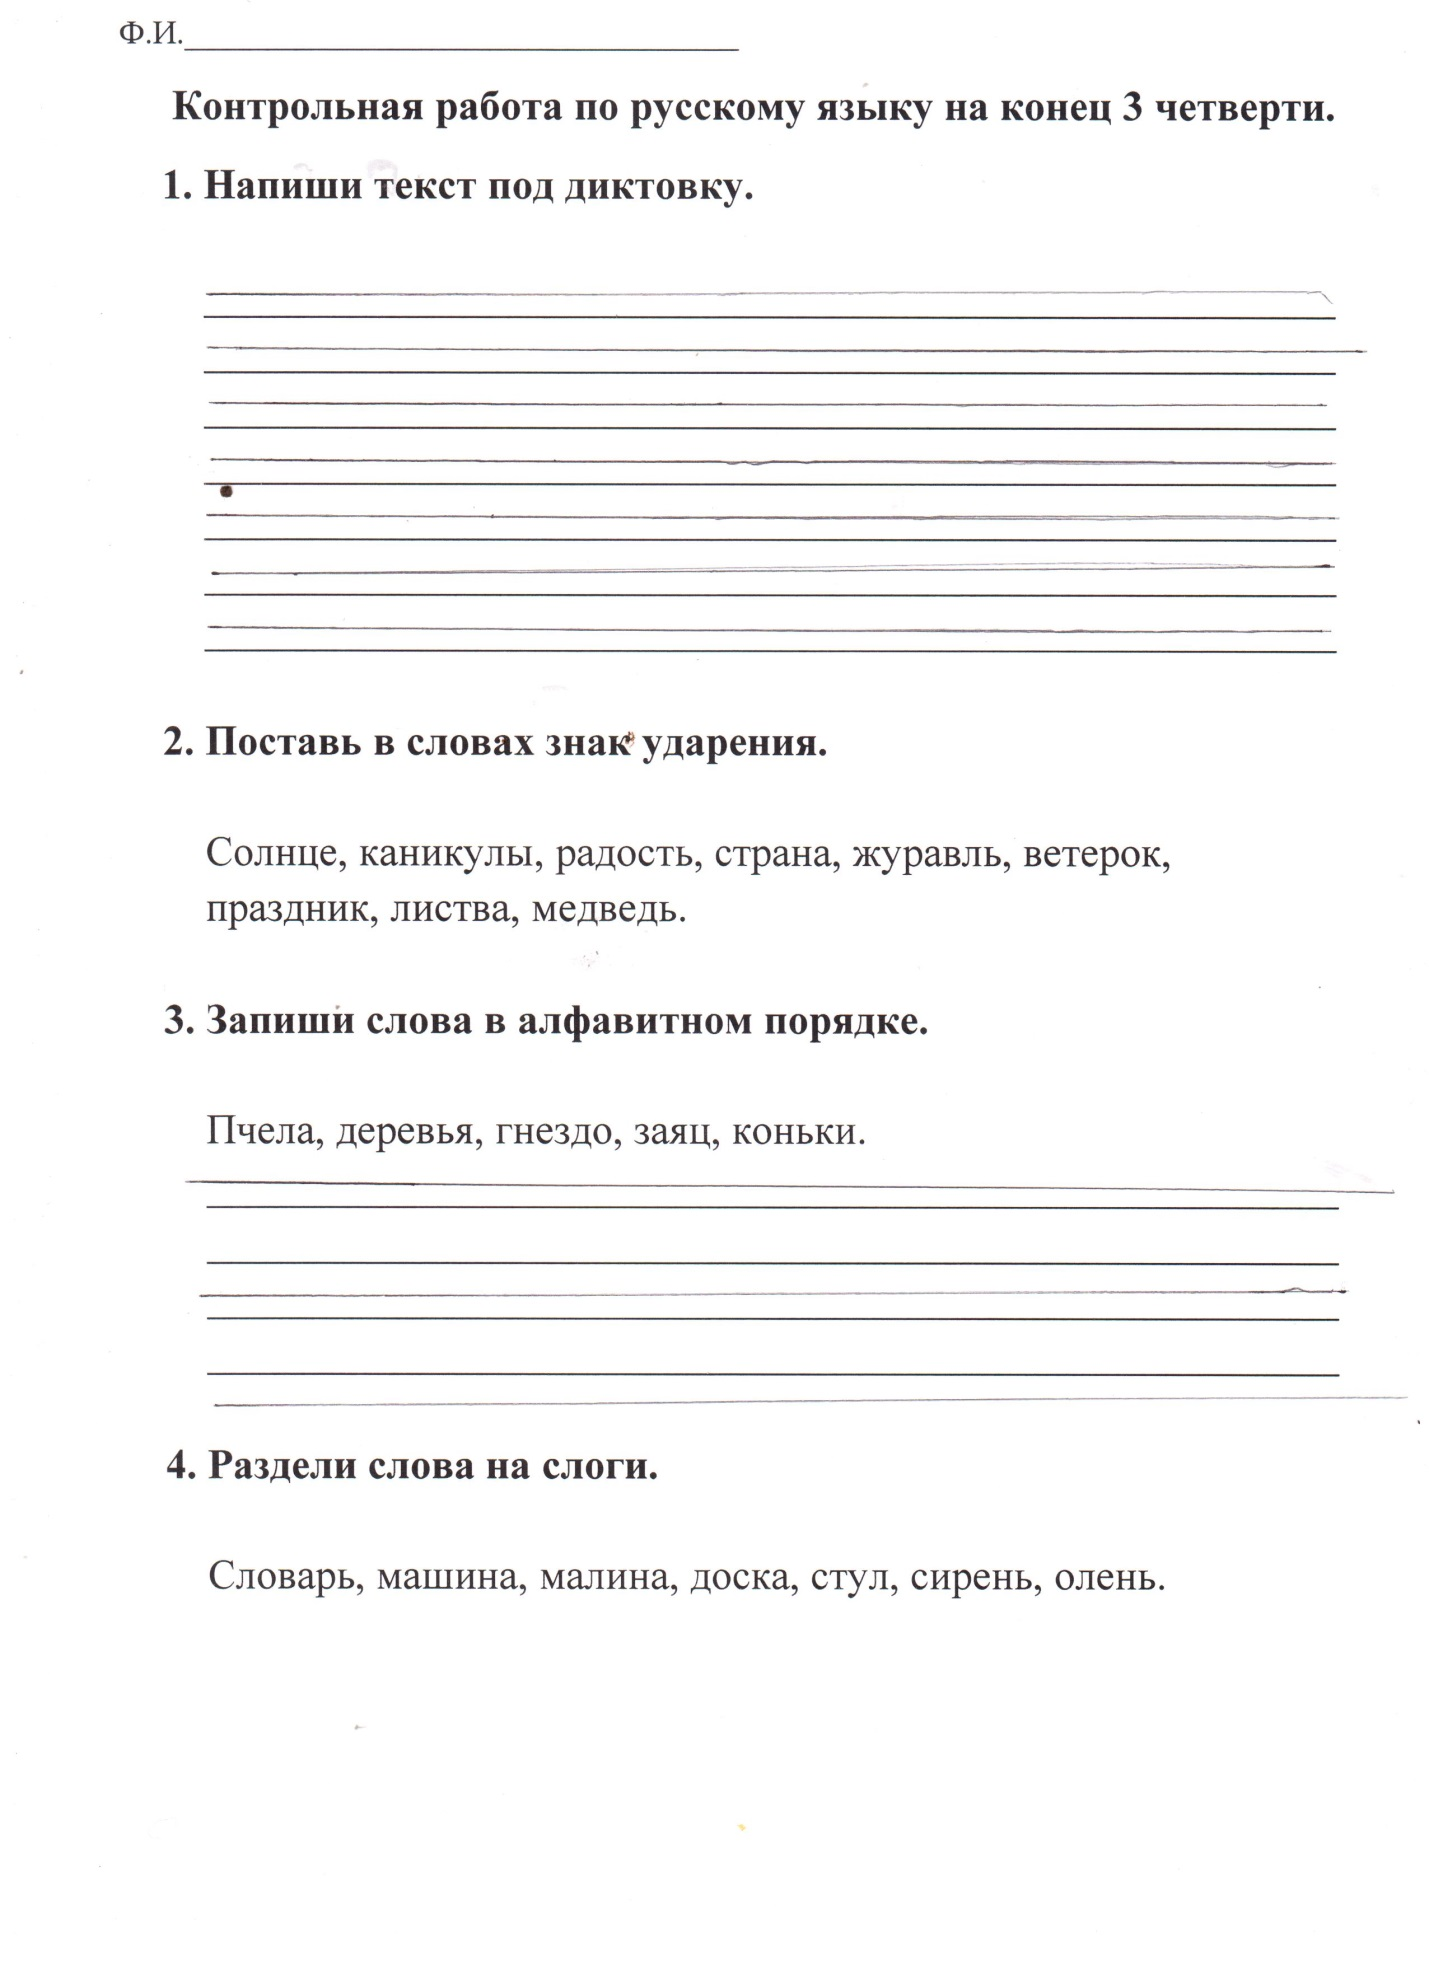 Где учителя берут контрольные работы по русскому языку 1758